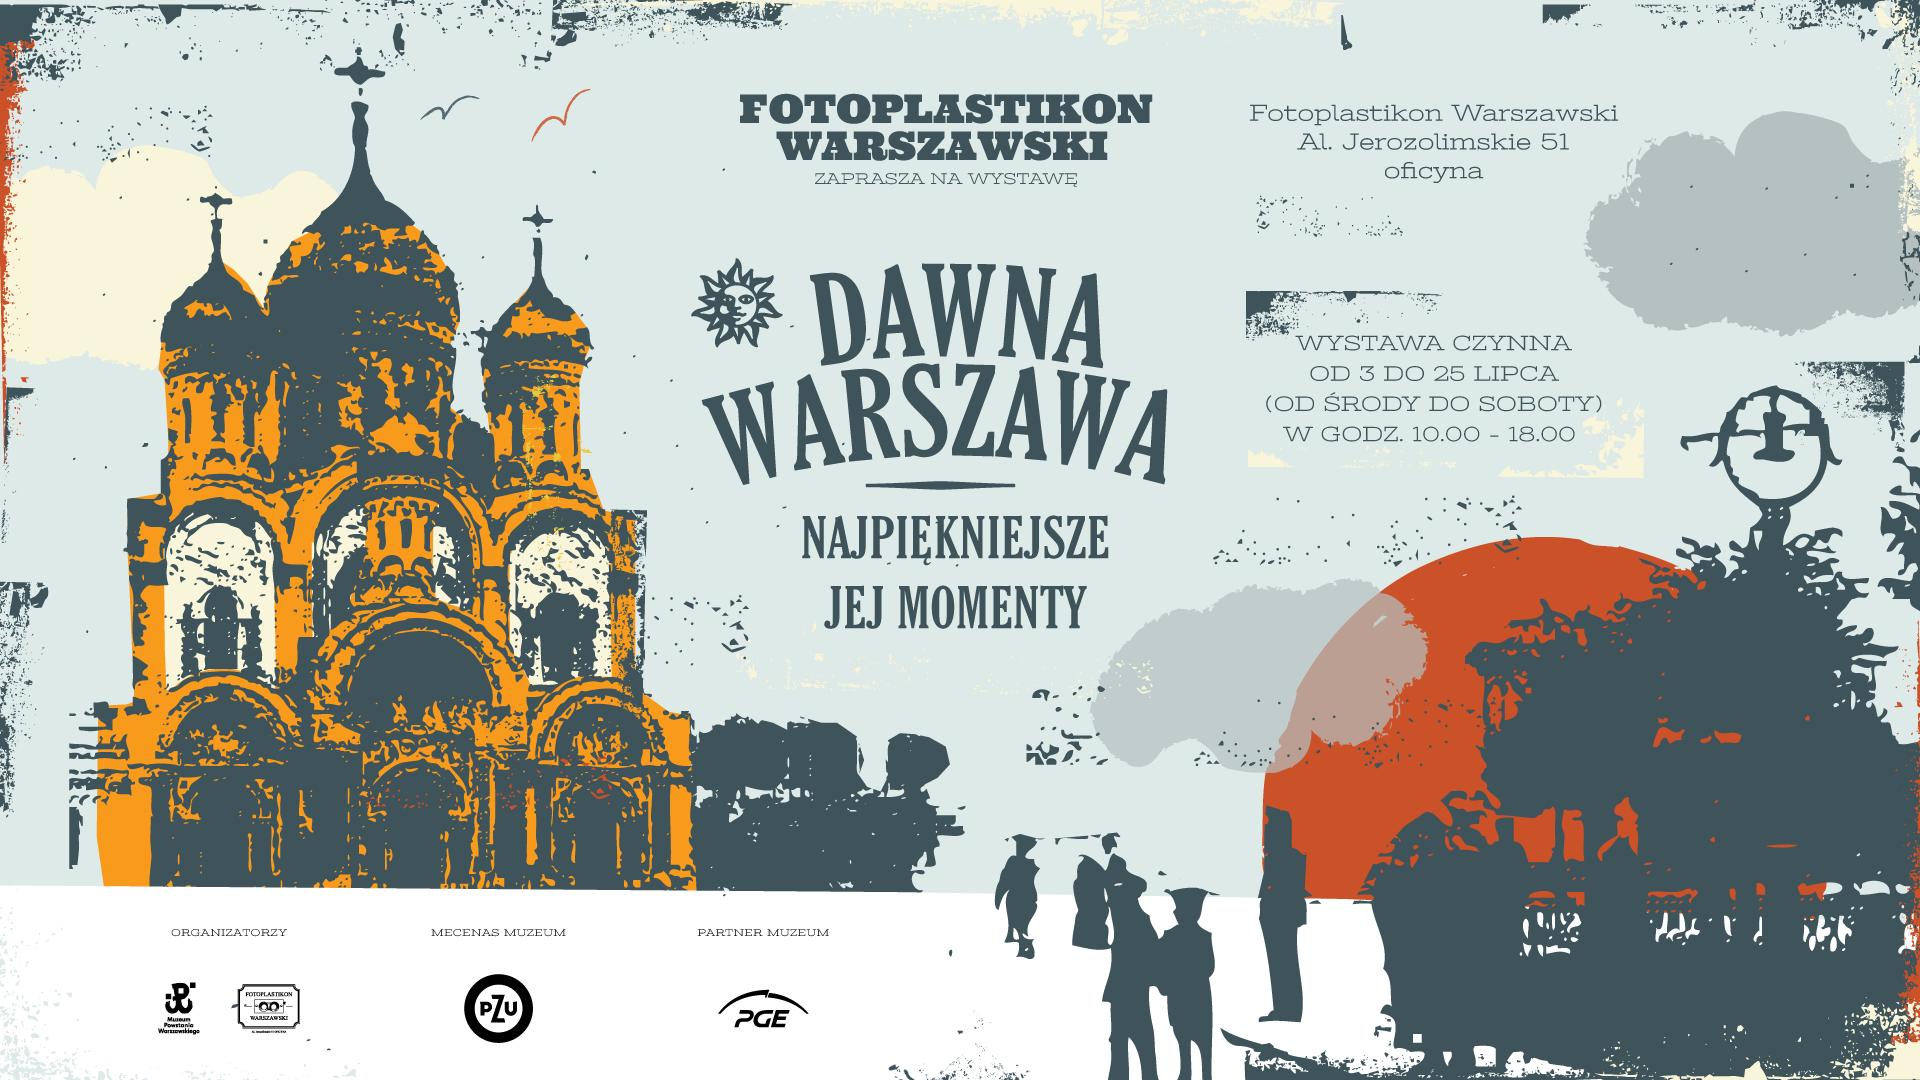 Fotoplastikon-Warszawa-2019-07-FB-1920x1080